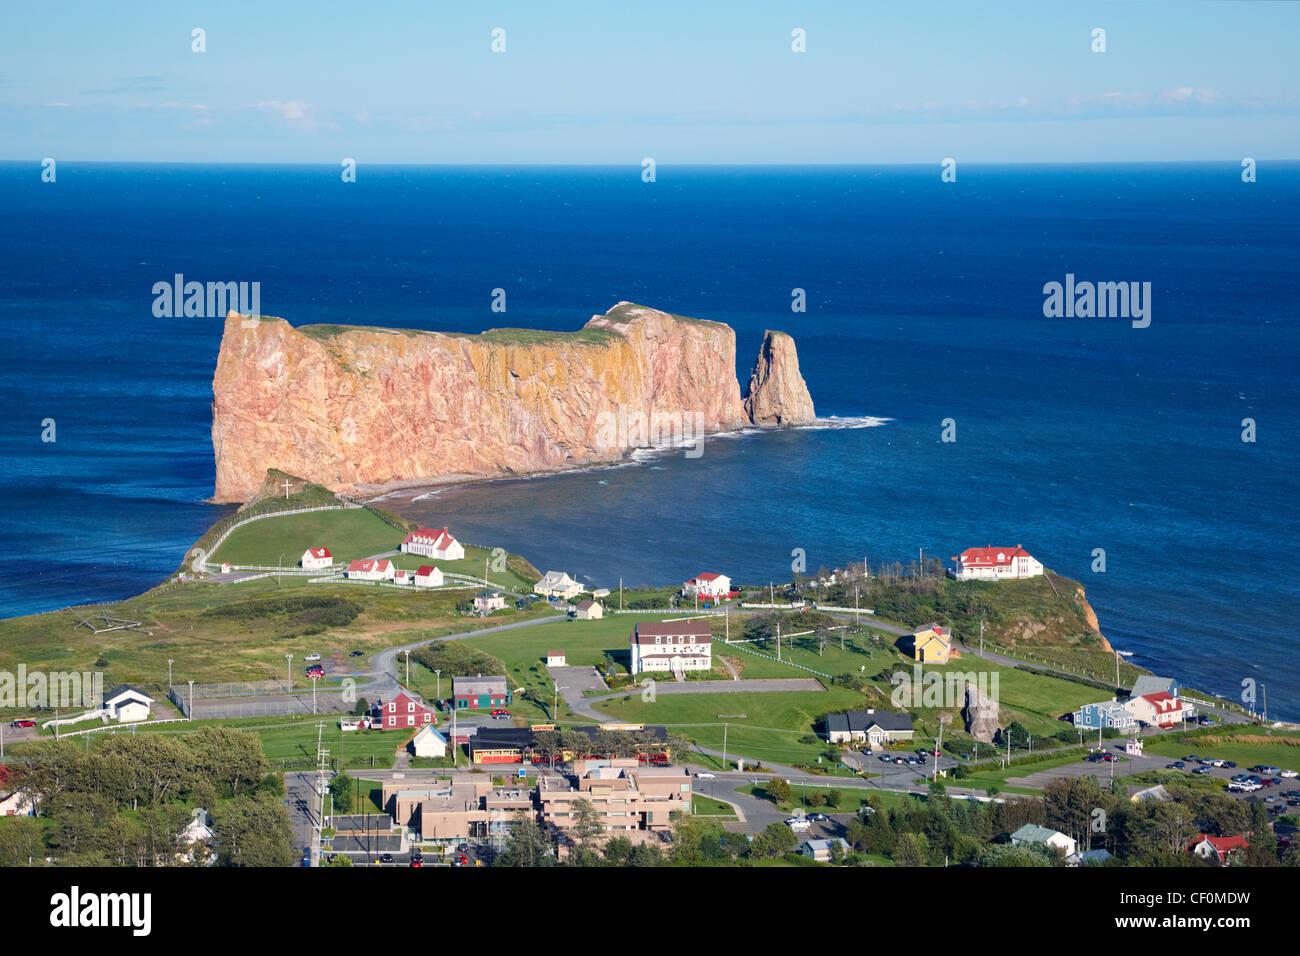 Perce Rock, Perce, Gaspe, Quebec, Canada - Stock Image